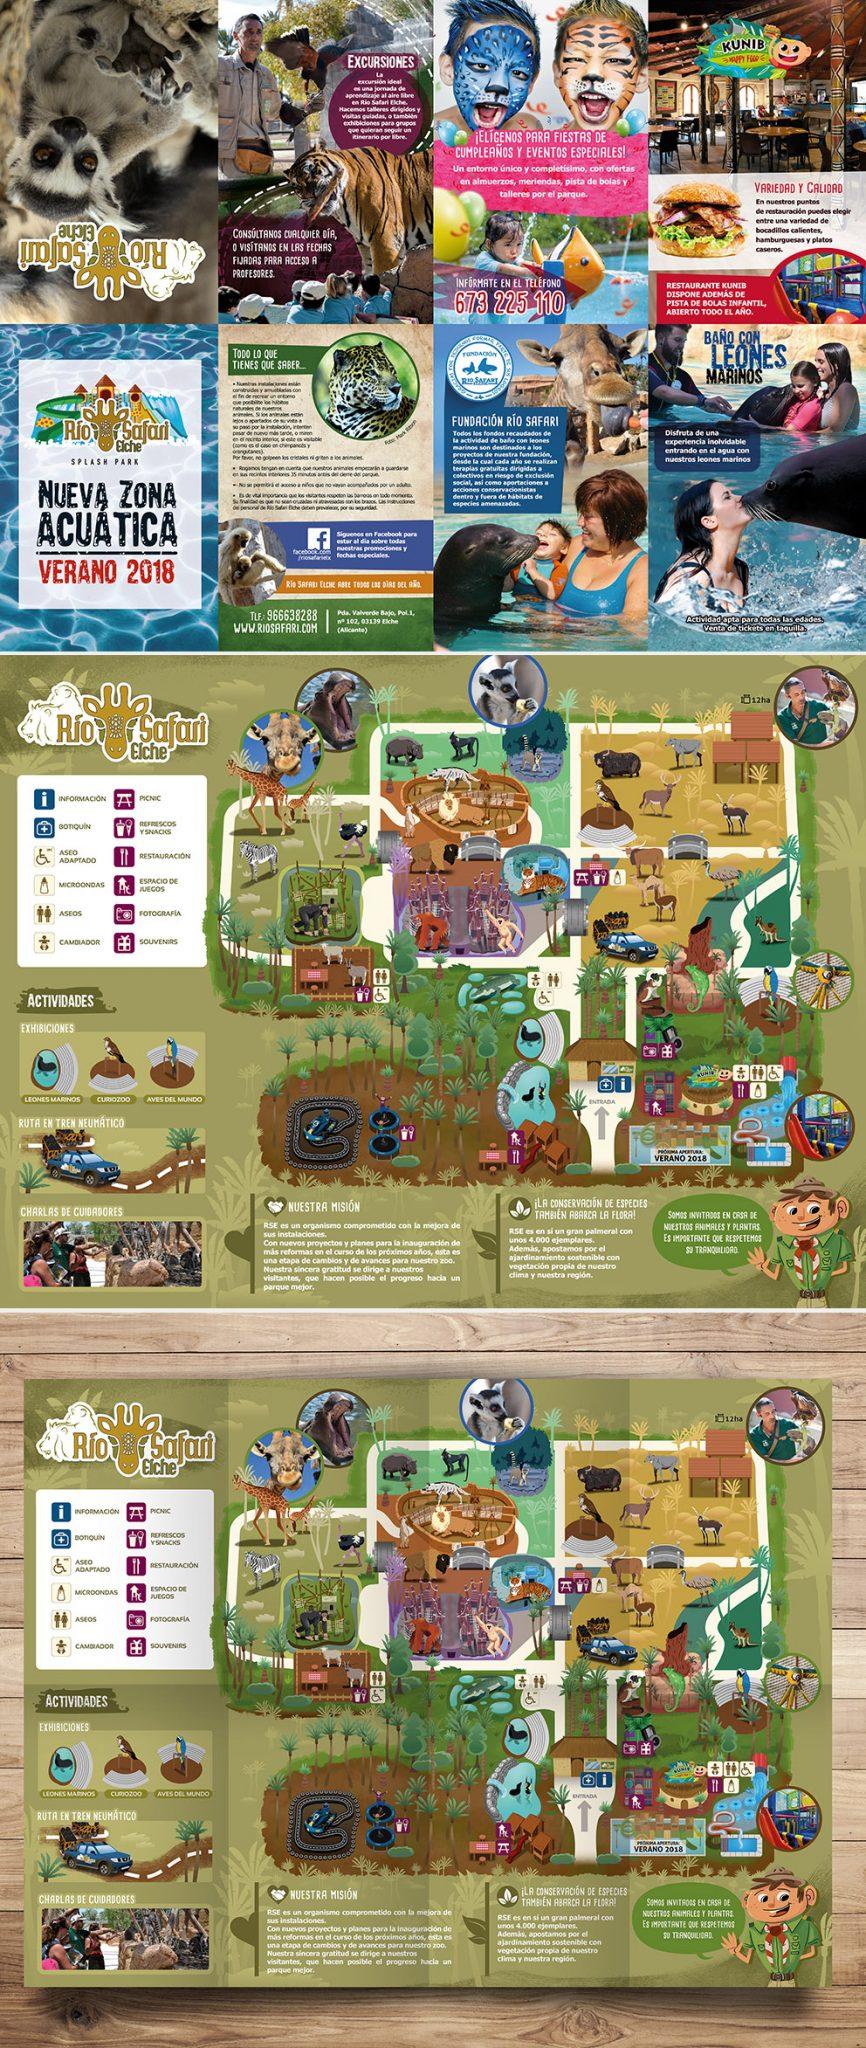 Diseño y maquetación de mapa zoo